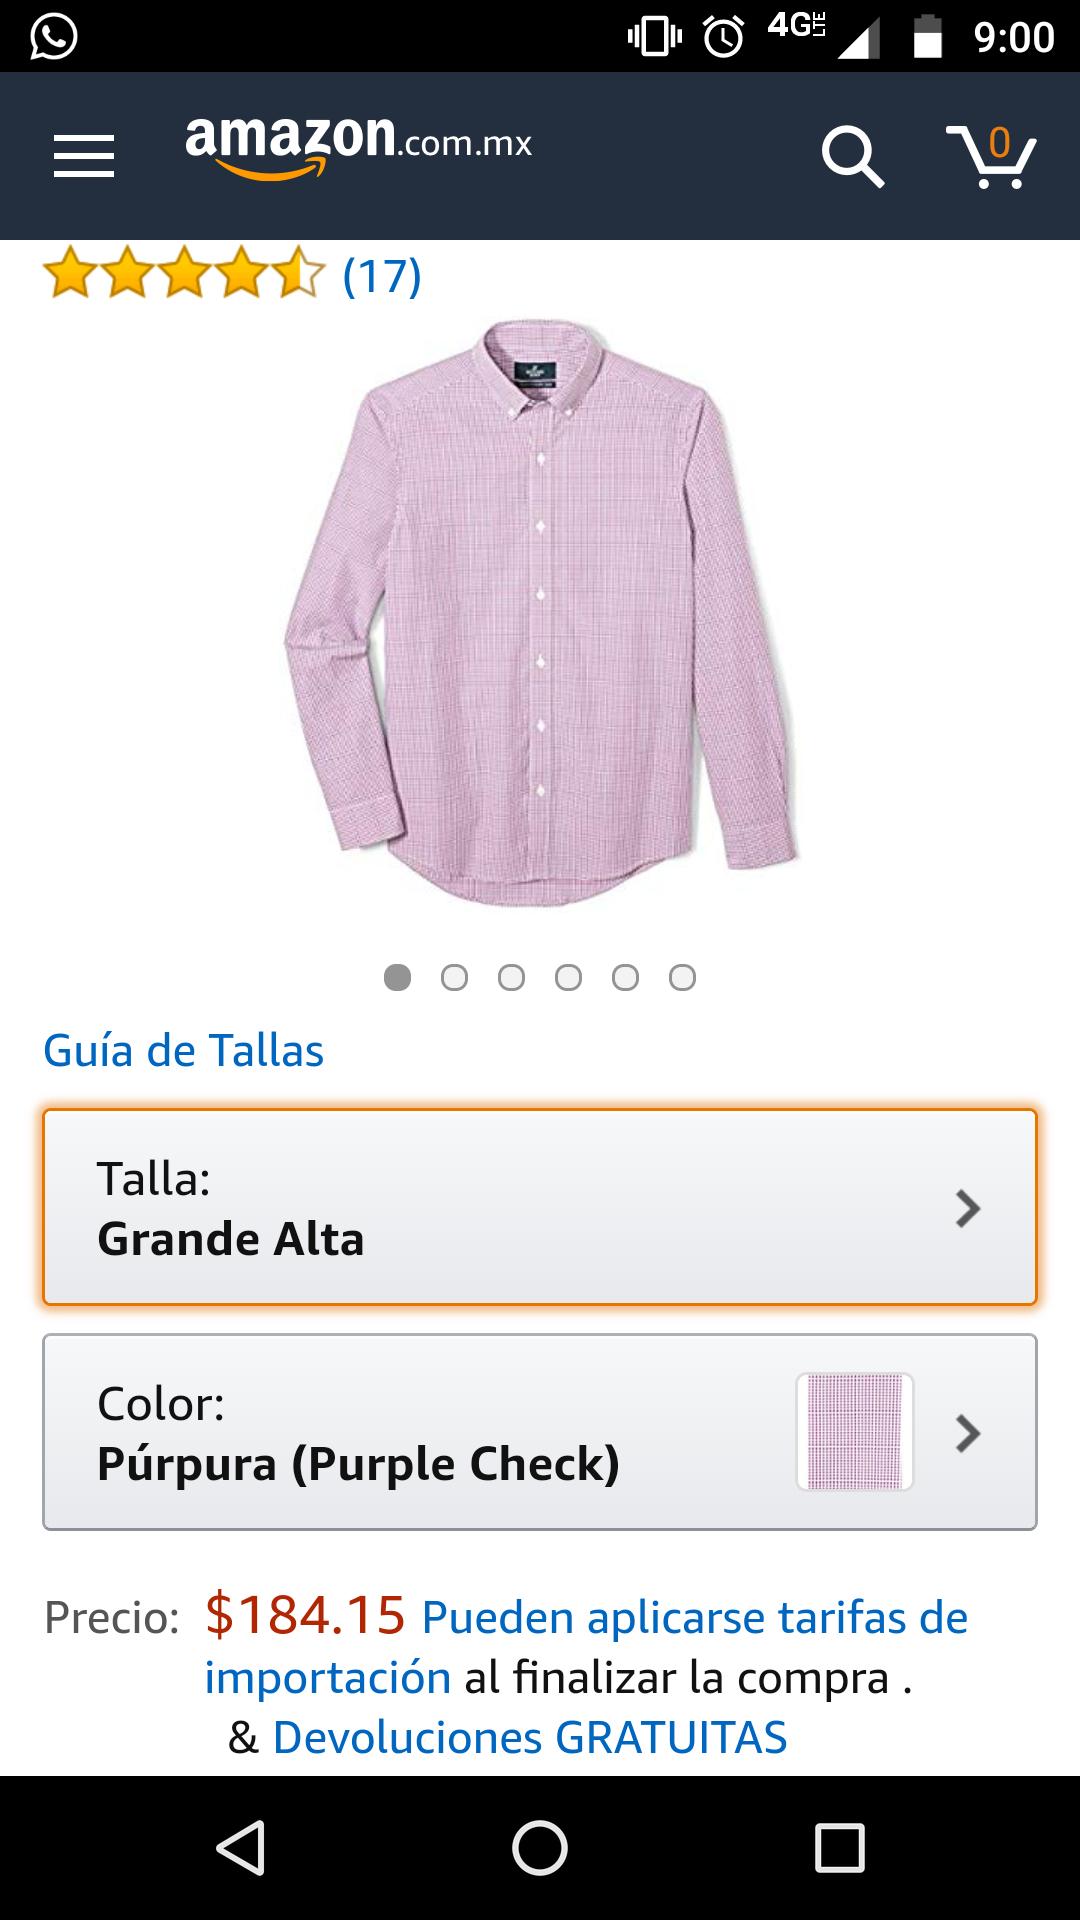 Amazon: hermosa y elegante camisa 100% de algodón más barata que en tianguis (talla grande alta)